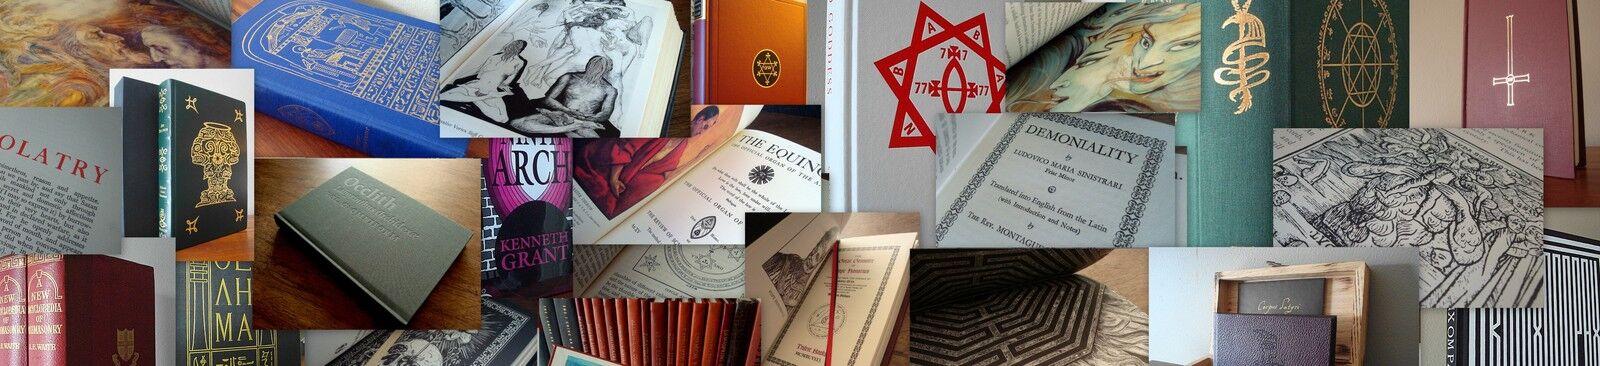 Sanctus Traum Books